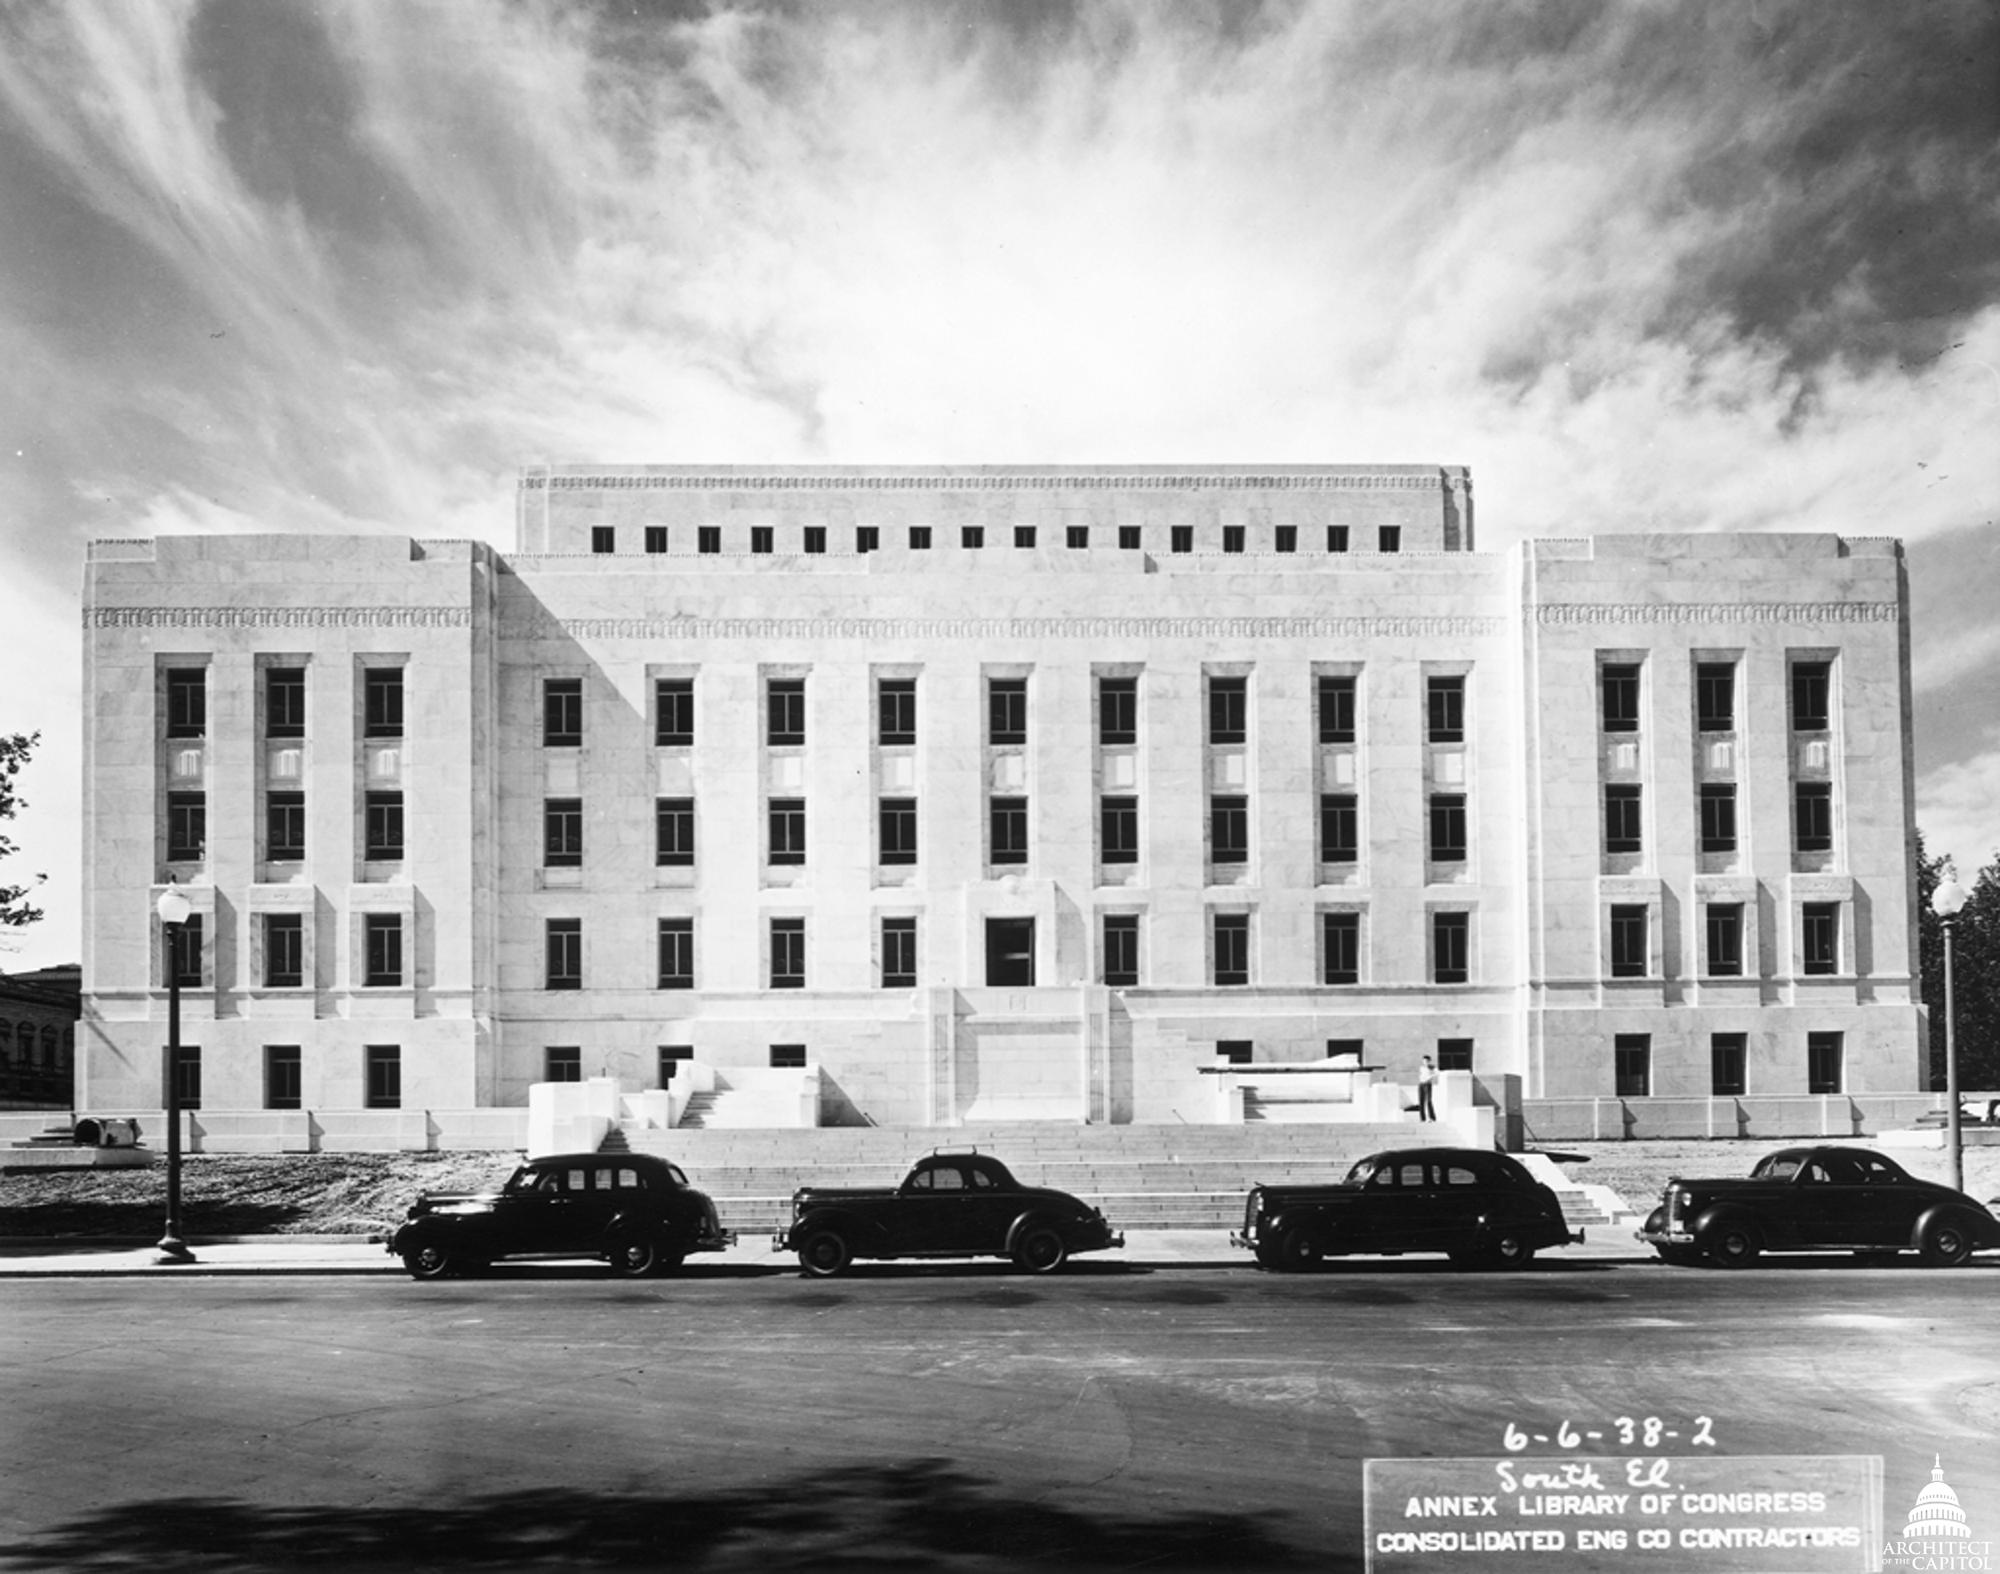 Adams Building Construction, South Elevation 1938